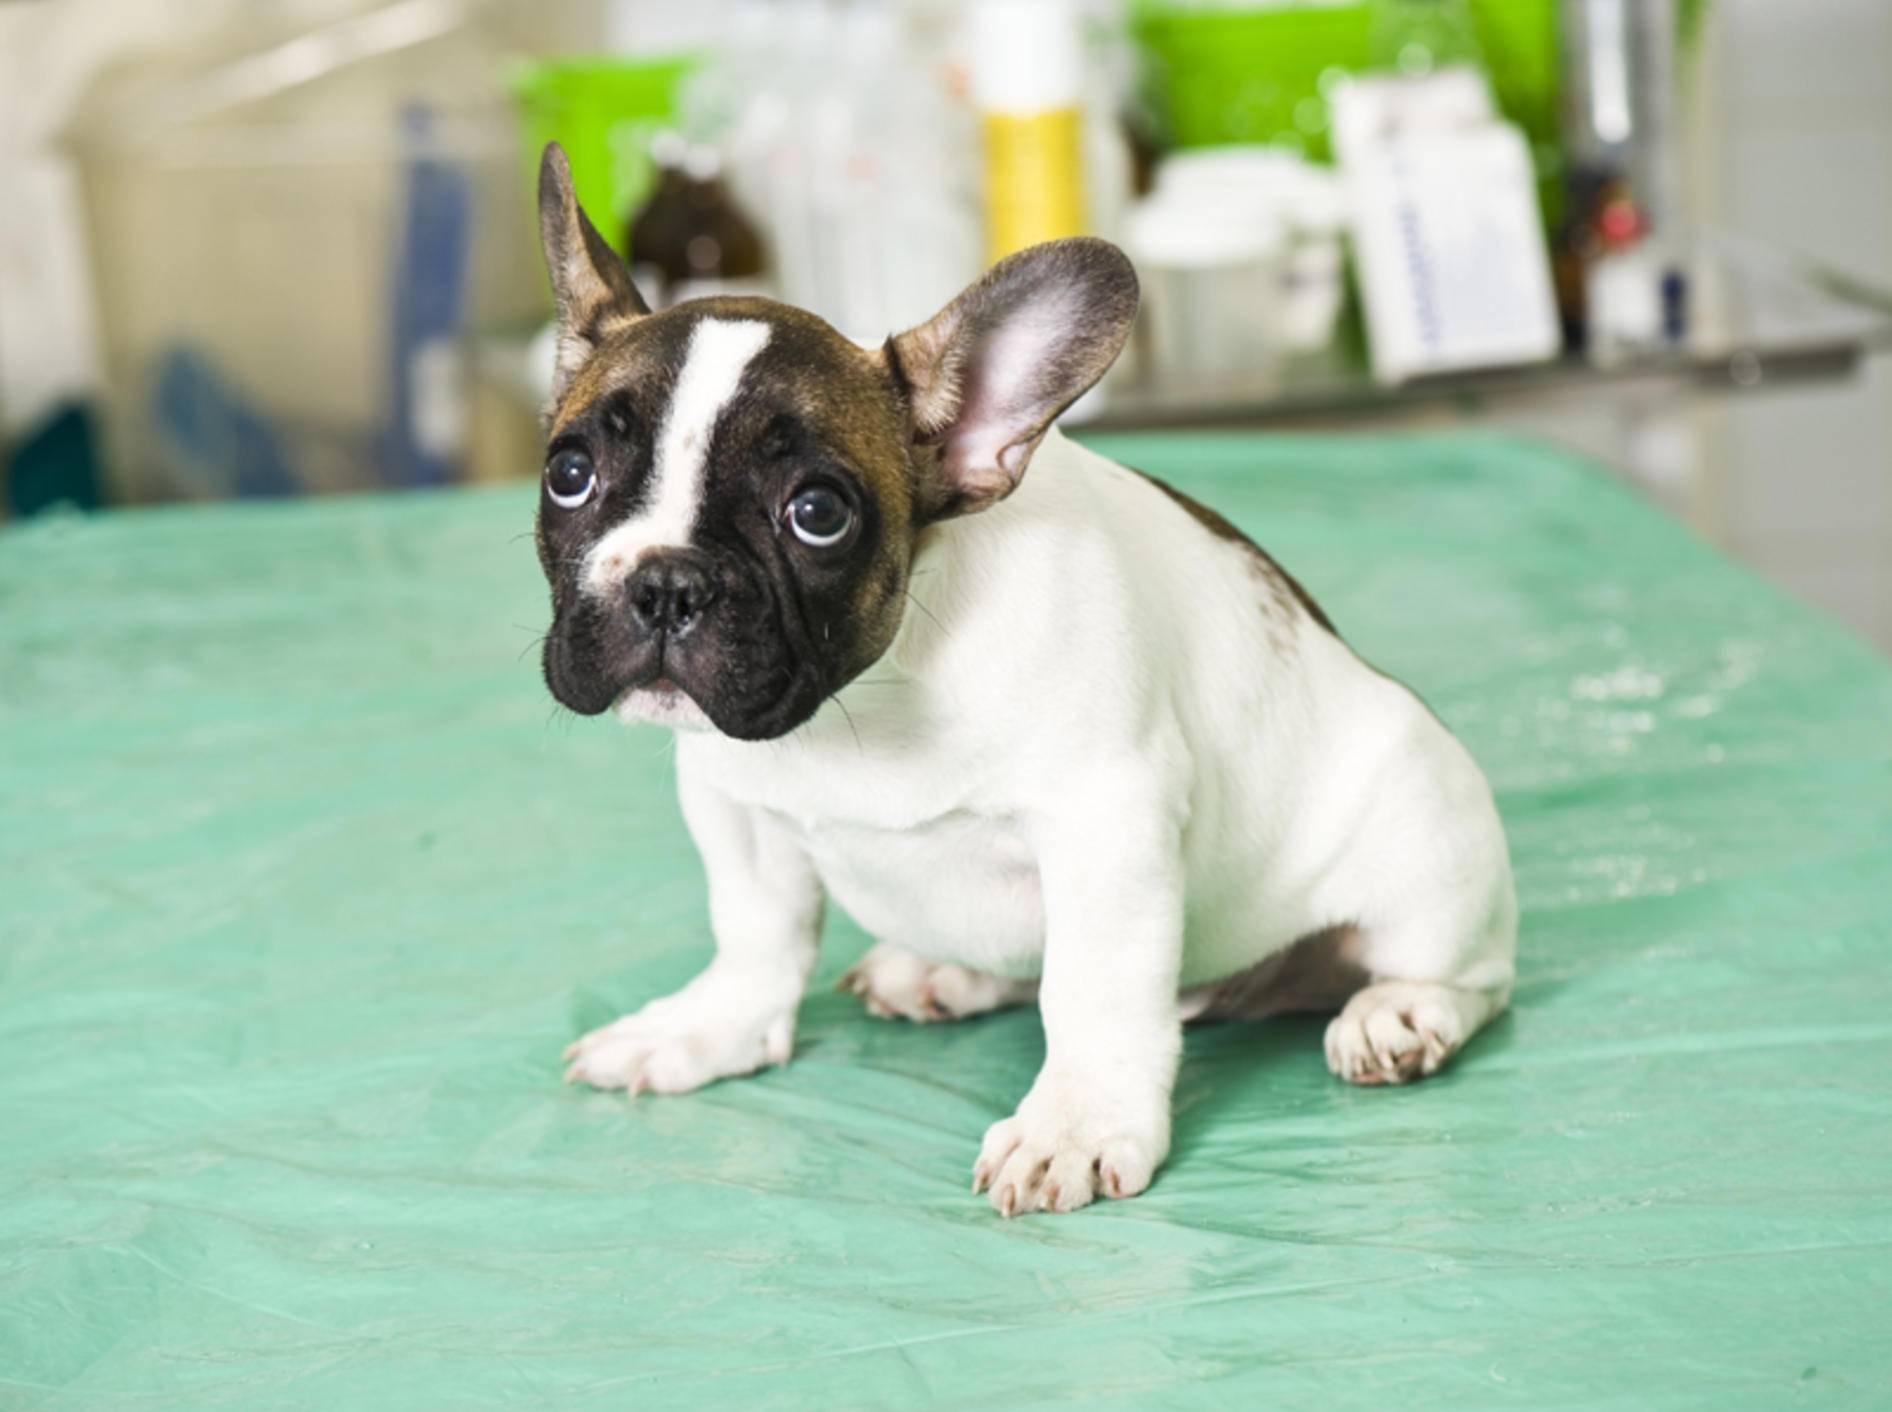 Leidet ein Hund an einer Blasenentzündung, ist dies ein Fall für den Tierarzt – Shutterstock / Kachalkina Veronika